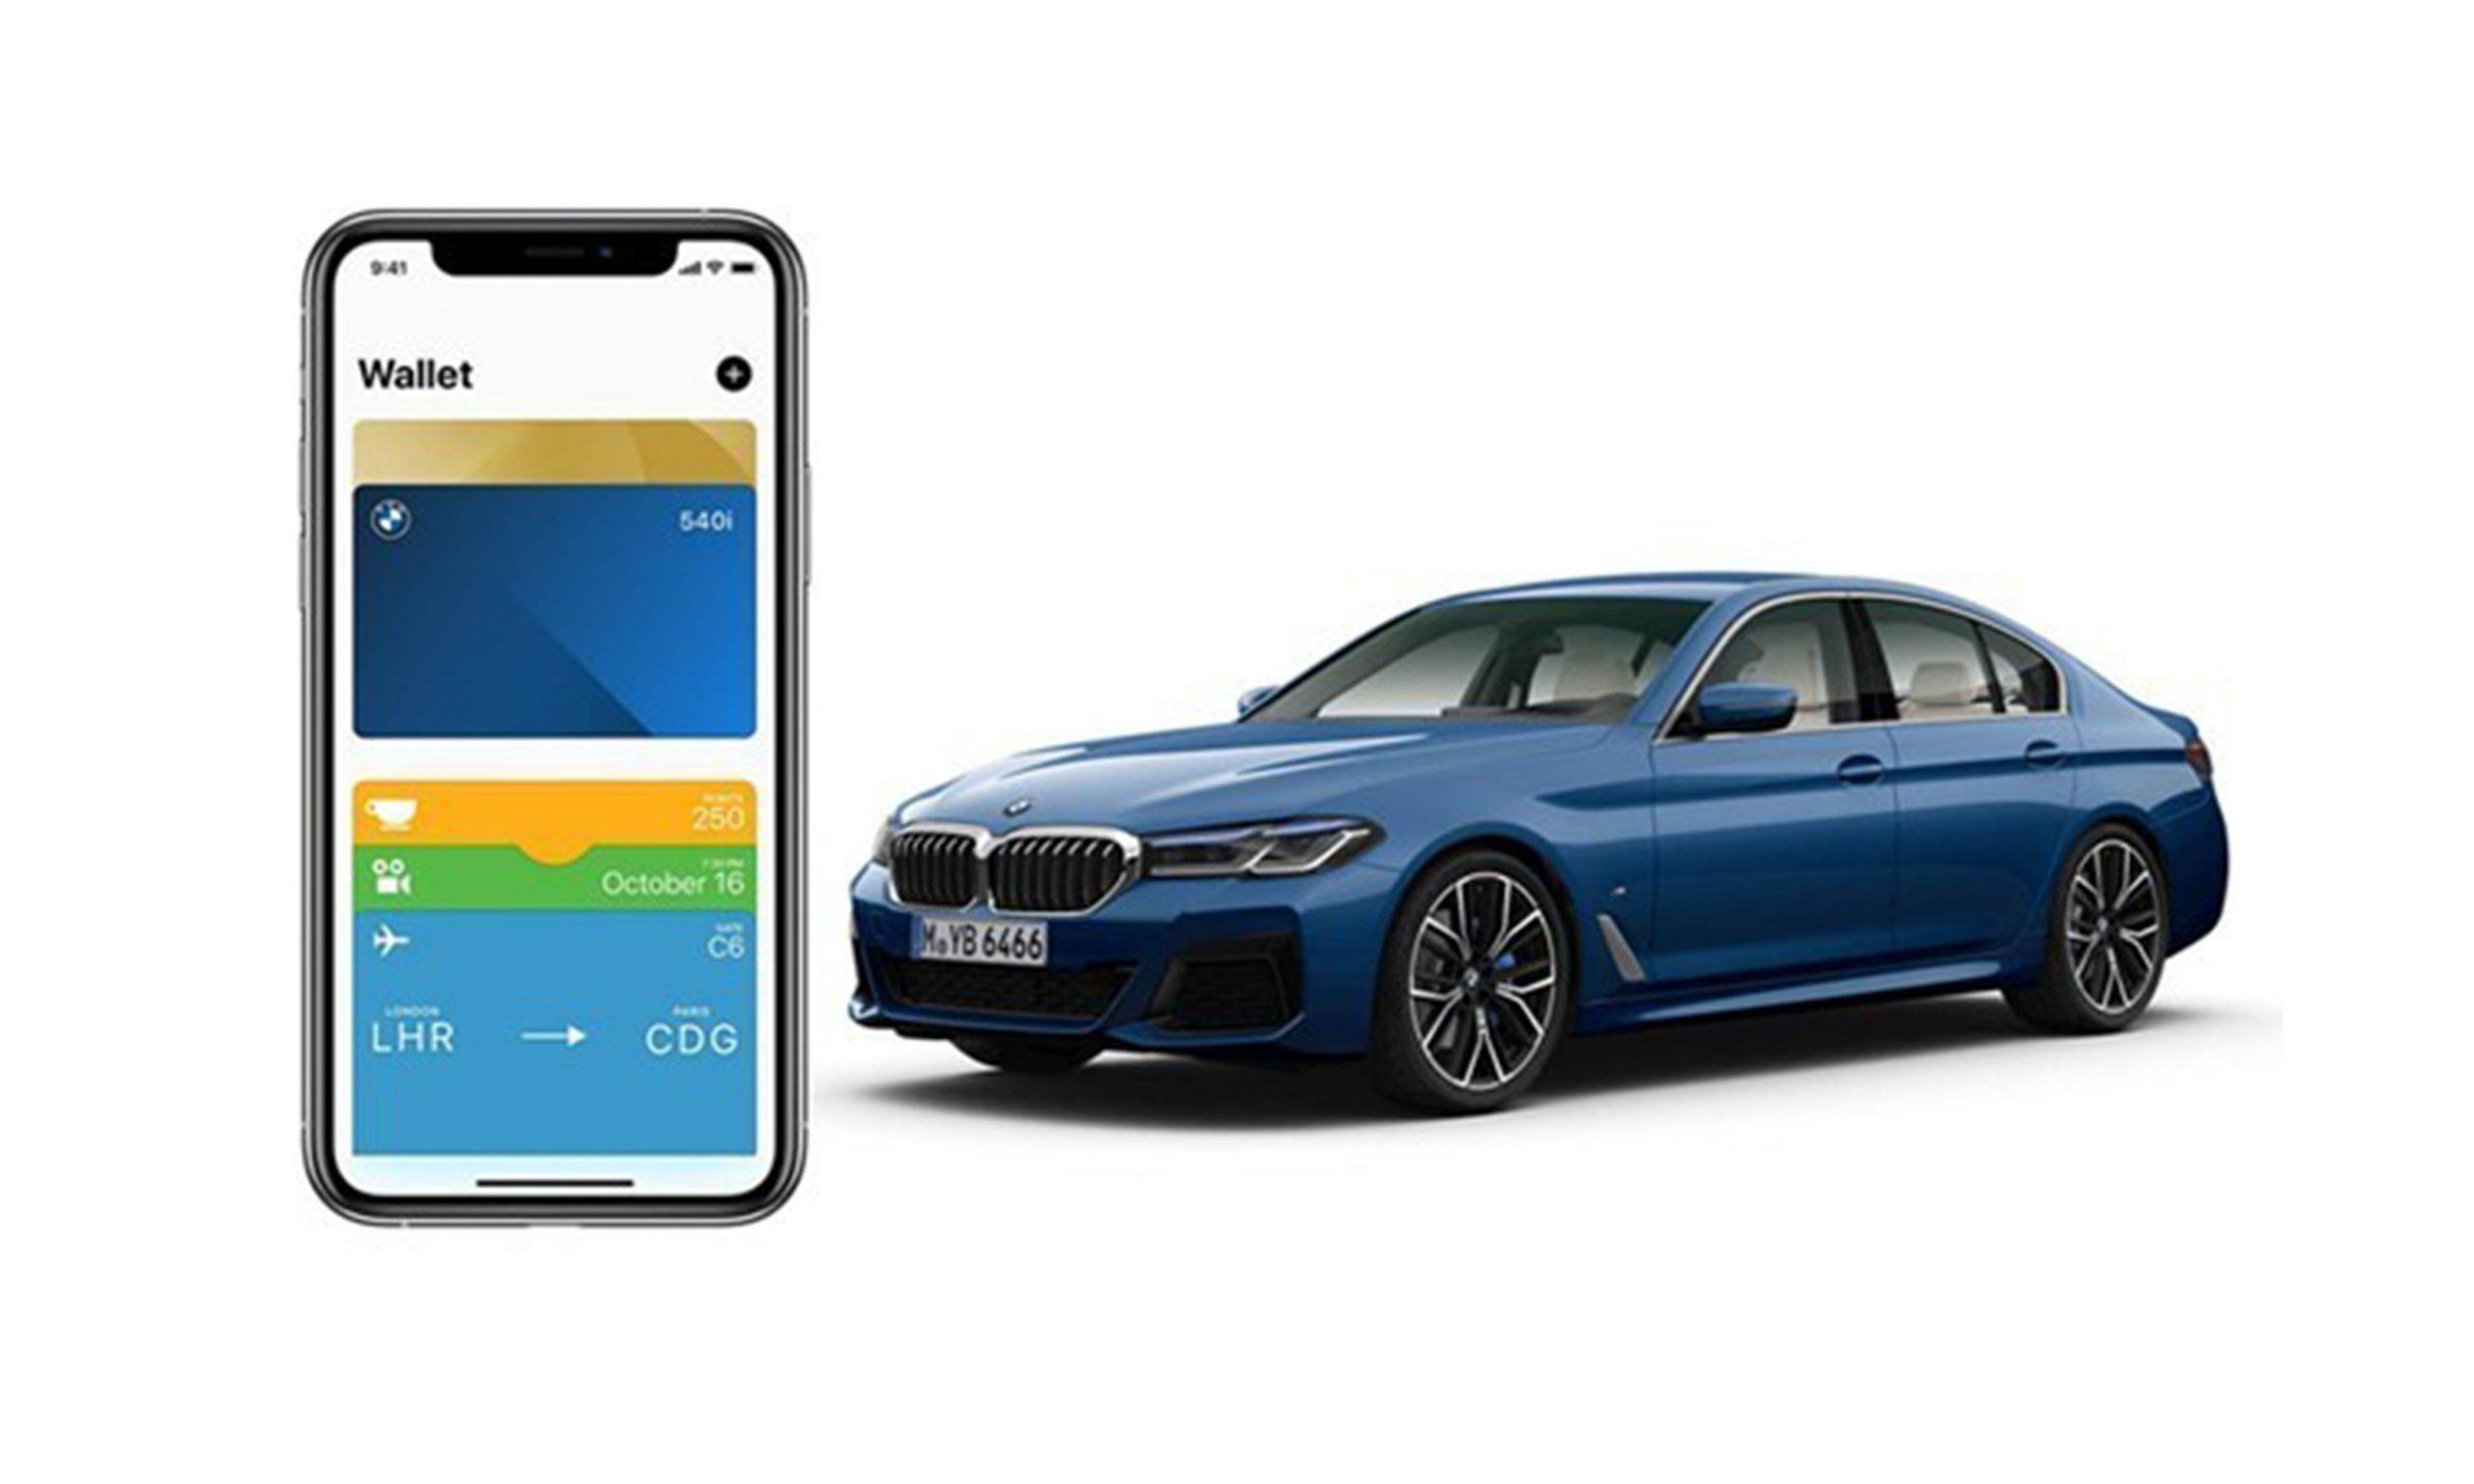 宝马宣布 iOS 13.6 用户即可使用数字汽车钥匙功能